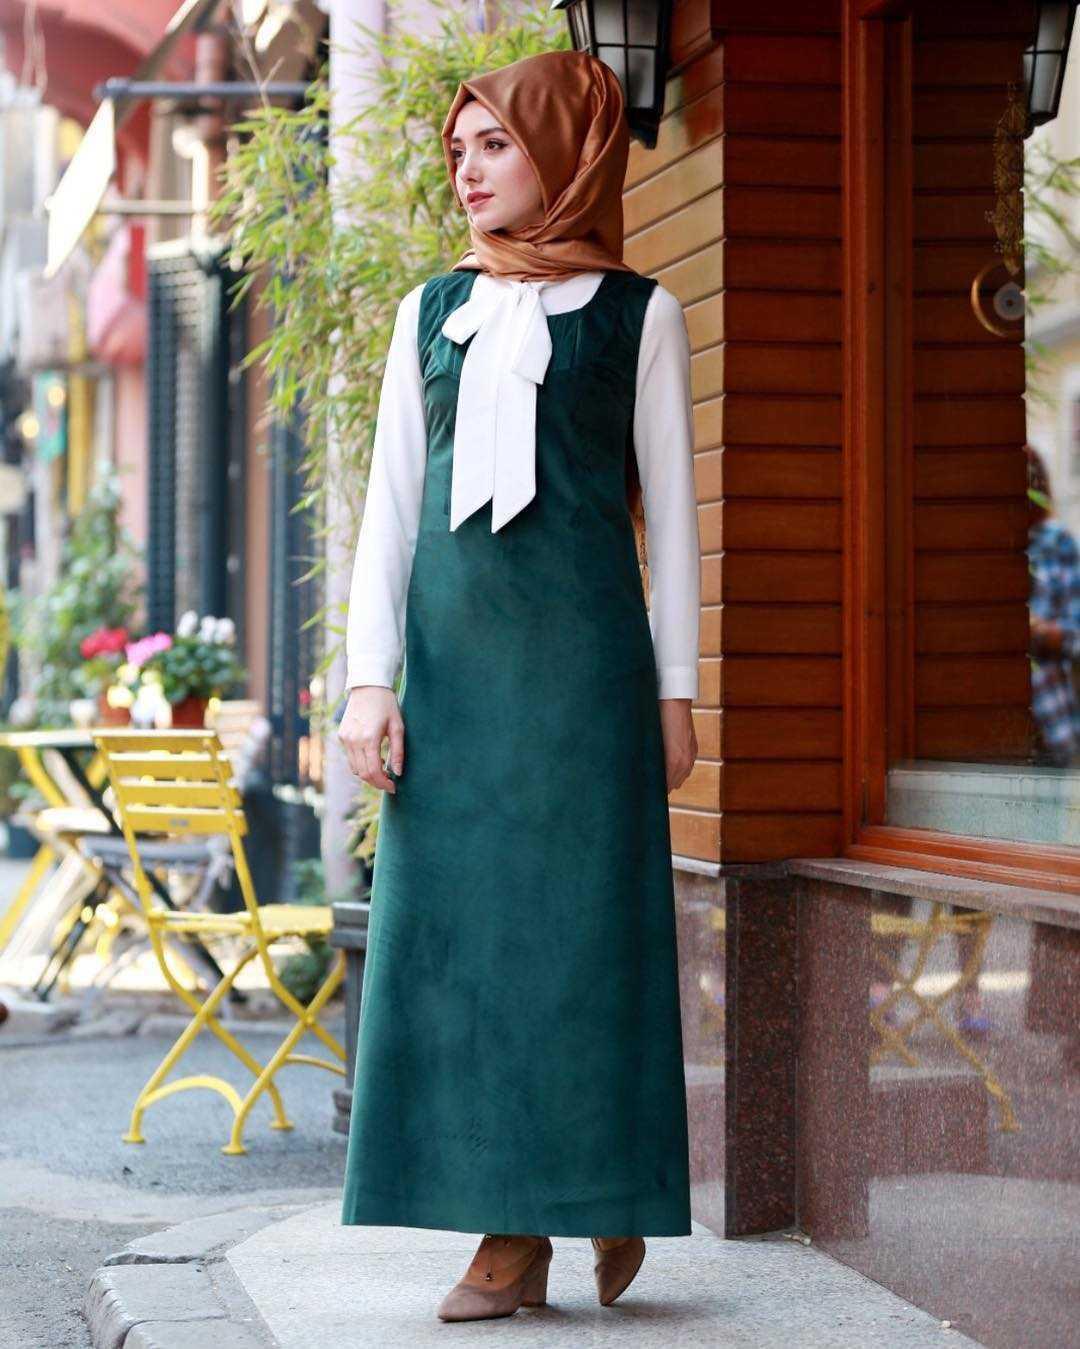 Gamze Özkul Tesettür Askılı Şık Kadife Elbise Modelleri